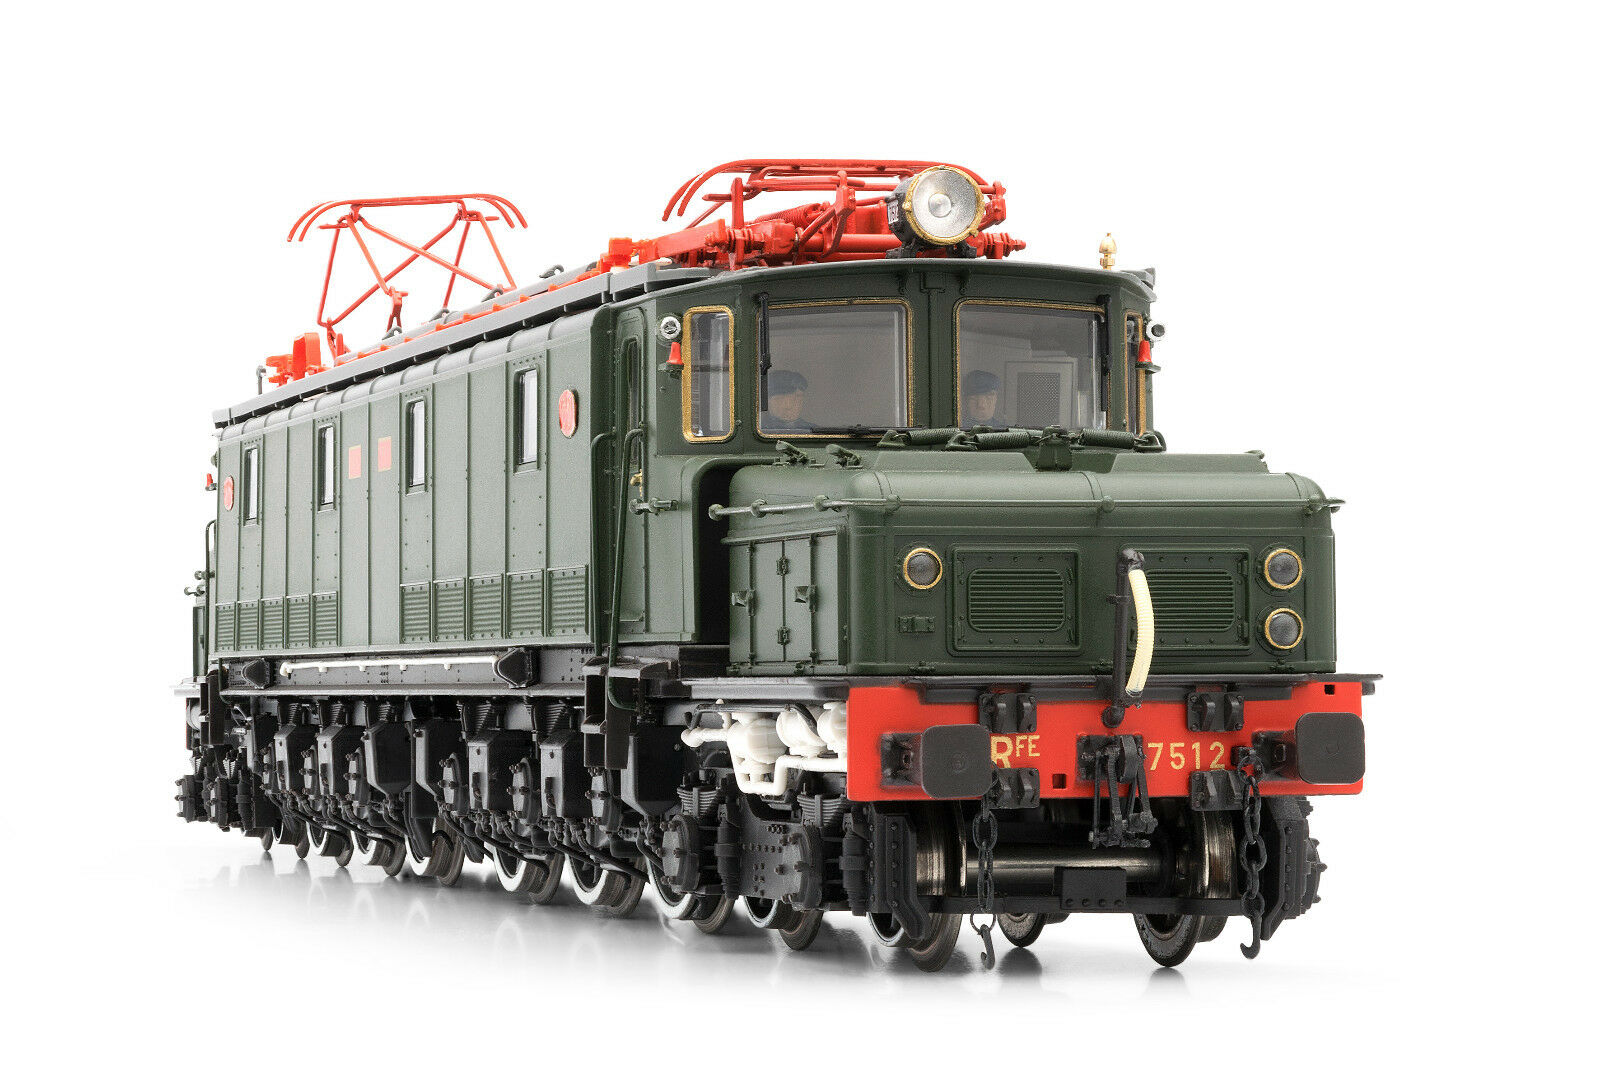 ELECTrossoREN e3026s elektrolokomotive LOCOMOTORA Electrica RENFE 7512 DCC + Sound